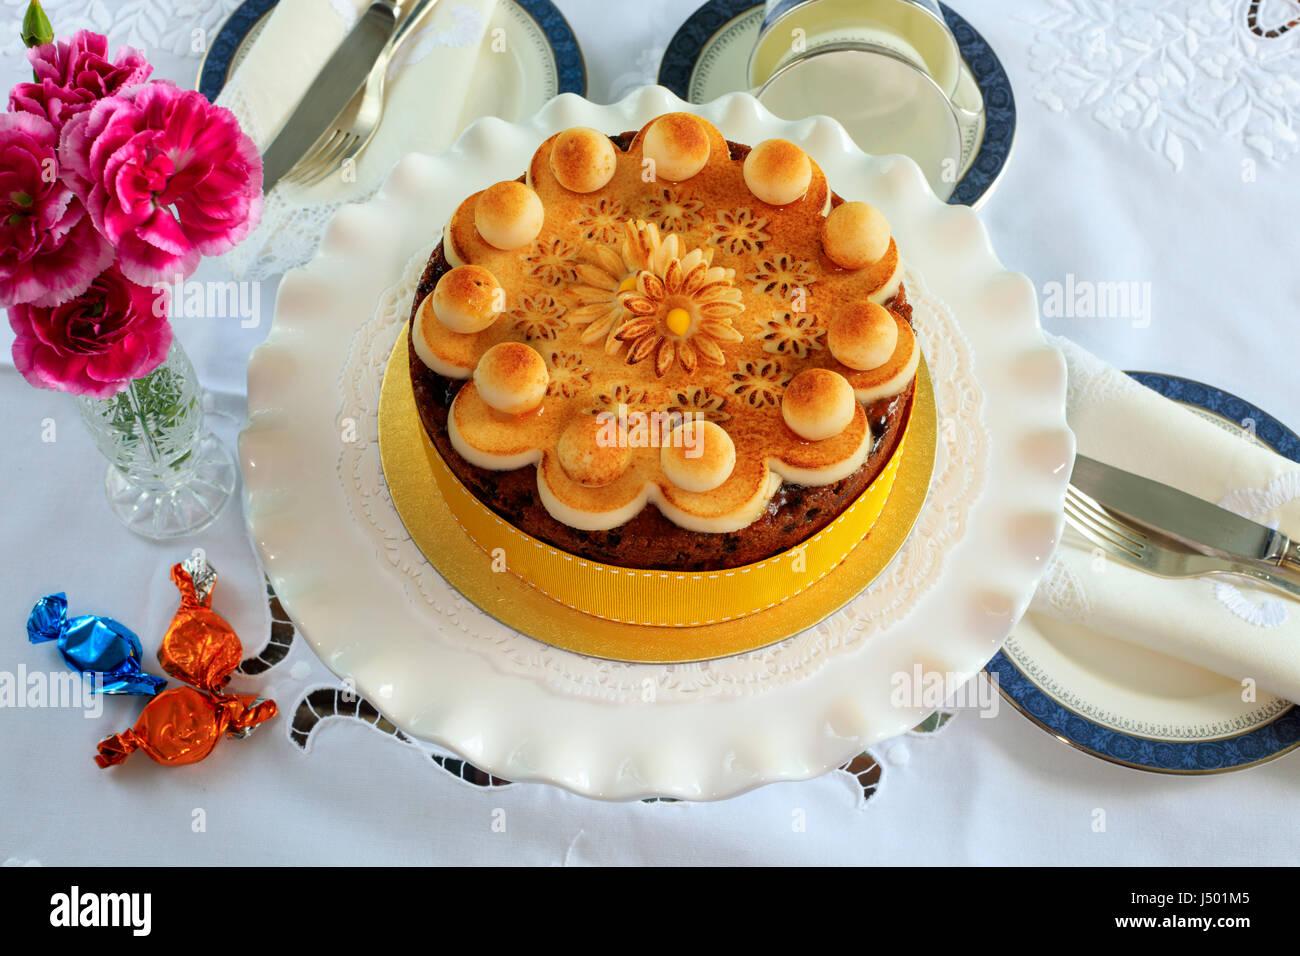 Simnel cake - Pasqua tradizionale torta di frutta decorata con marzapane su una tabella set per il tè. Immagini Stock